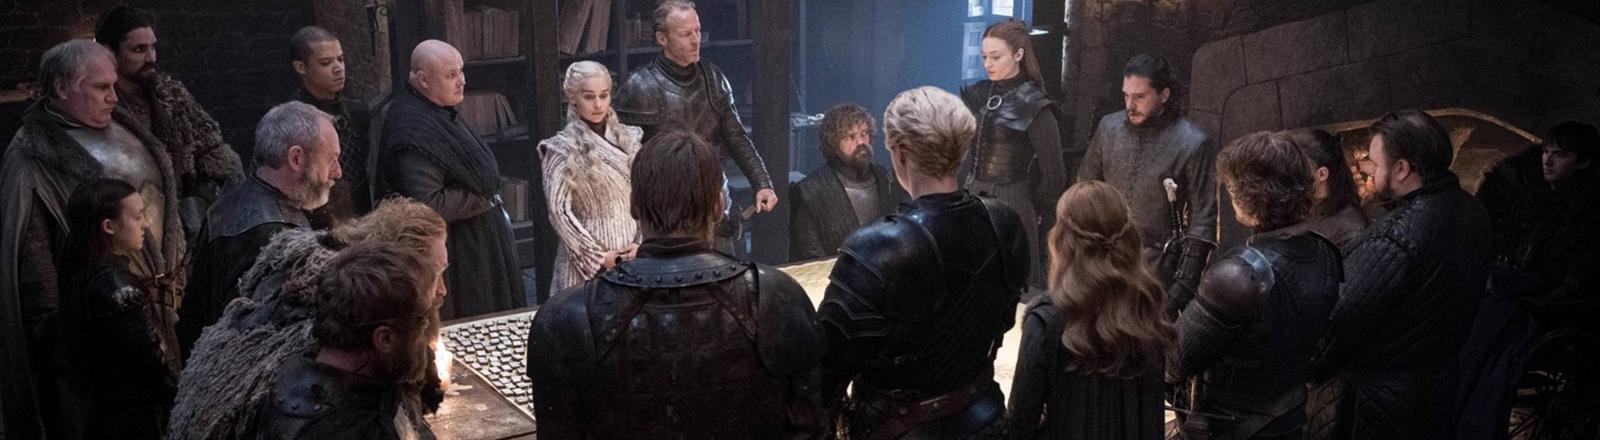 """Eine Szene aus der letzten Staffel """"Game of Thrones""""."""